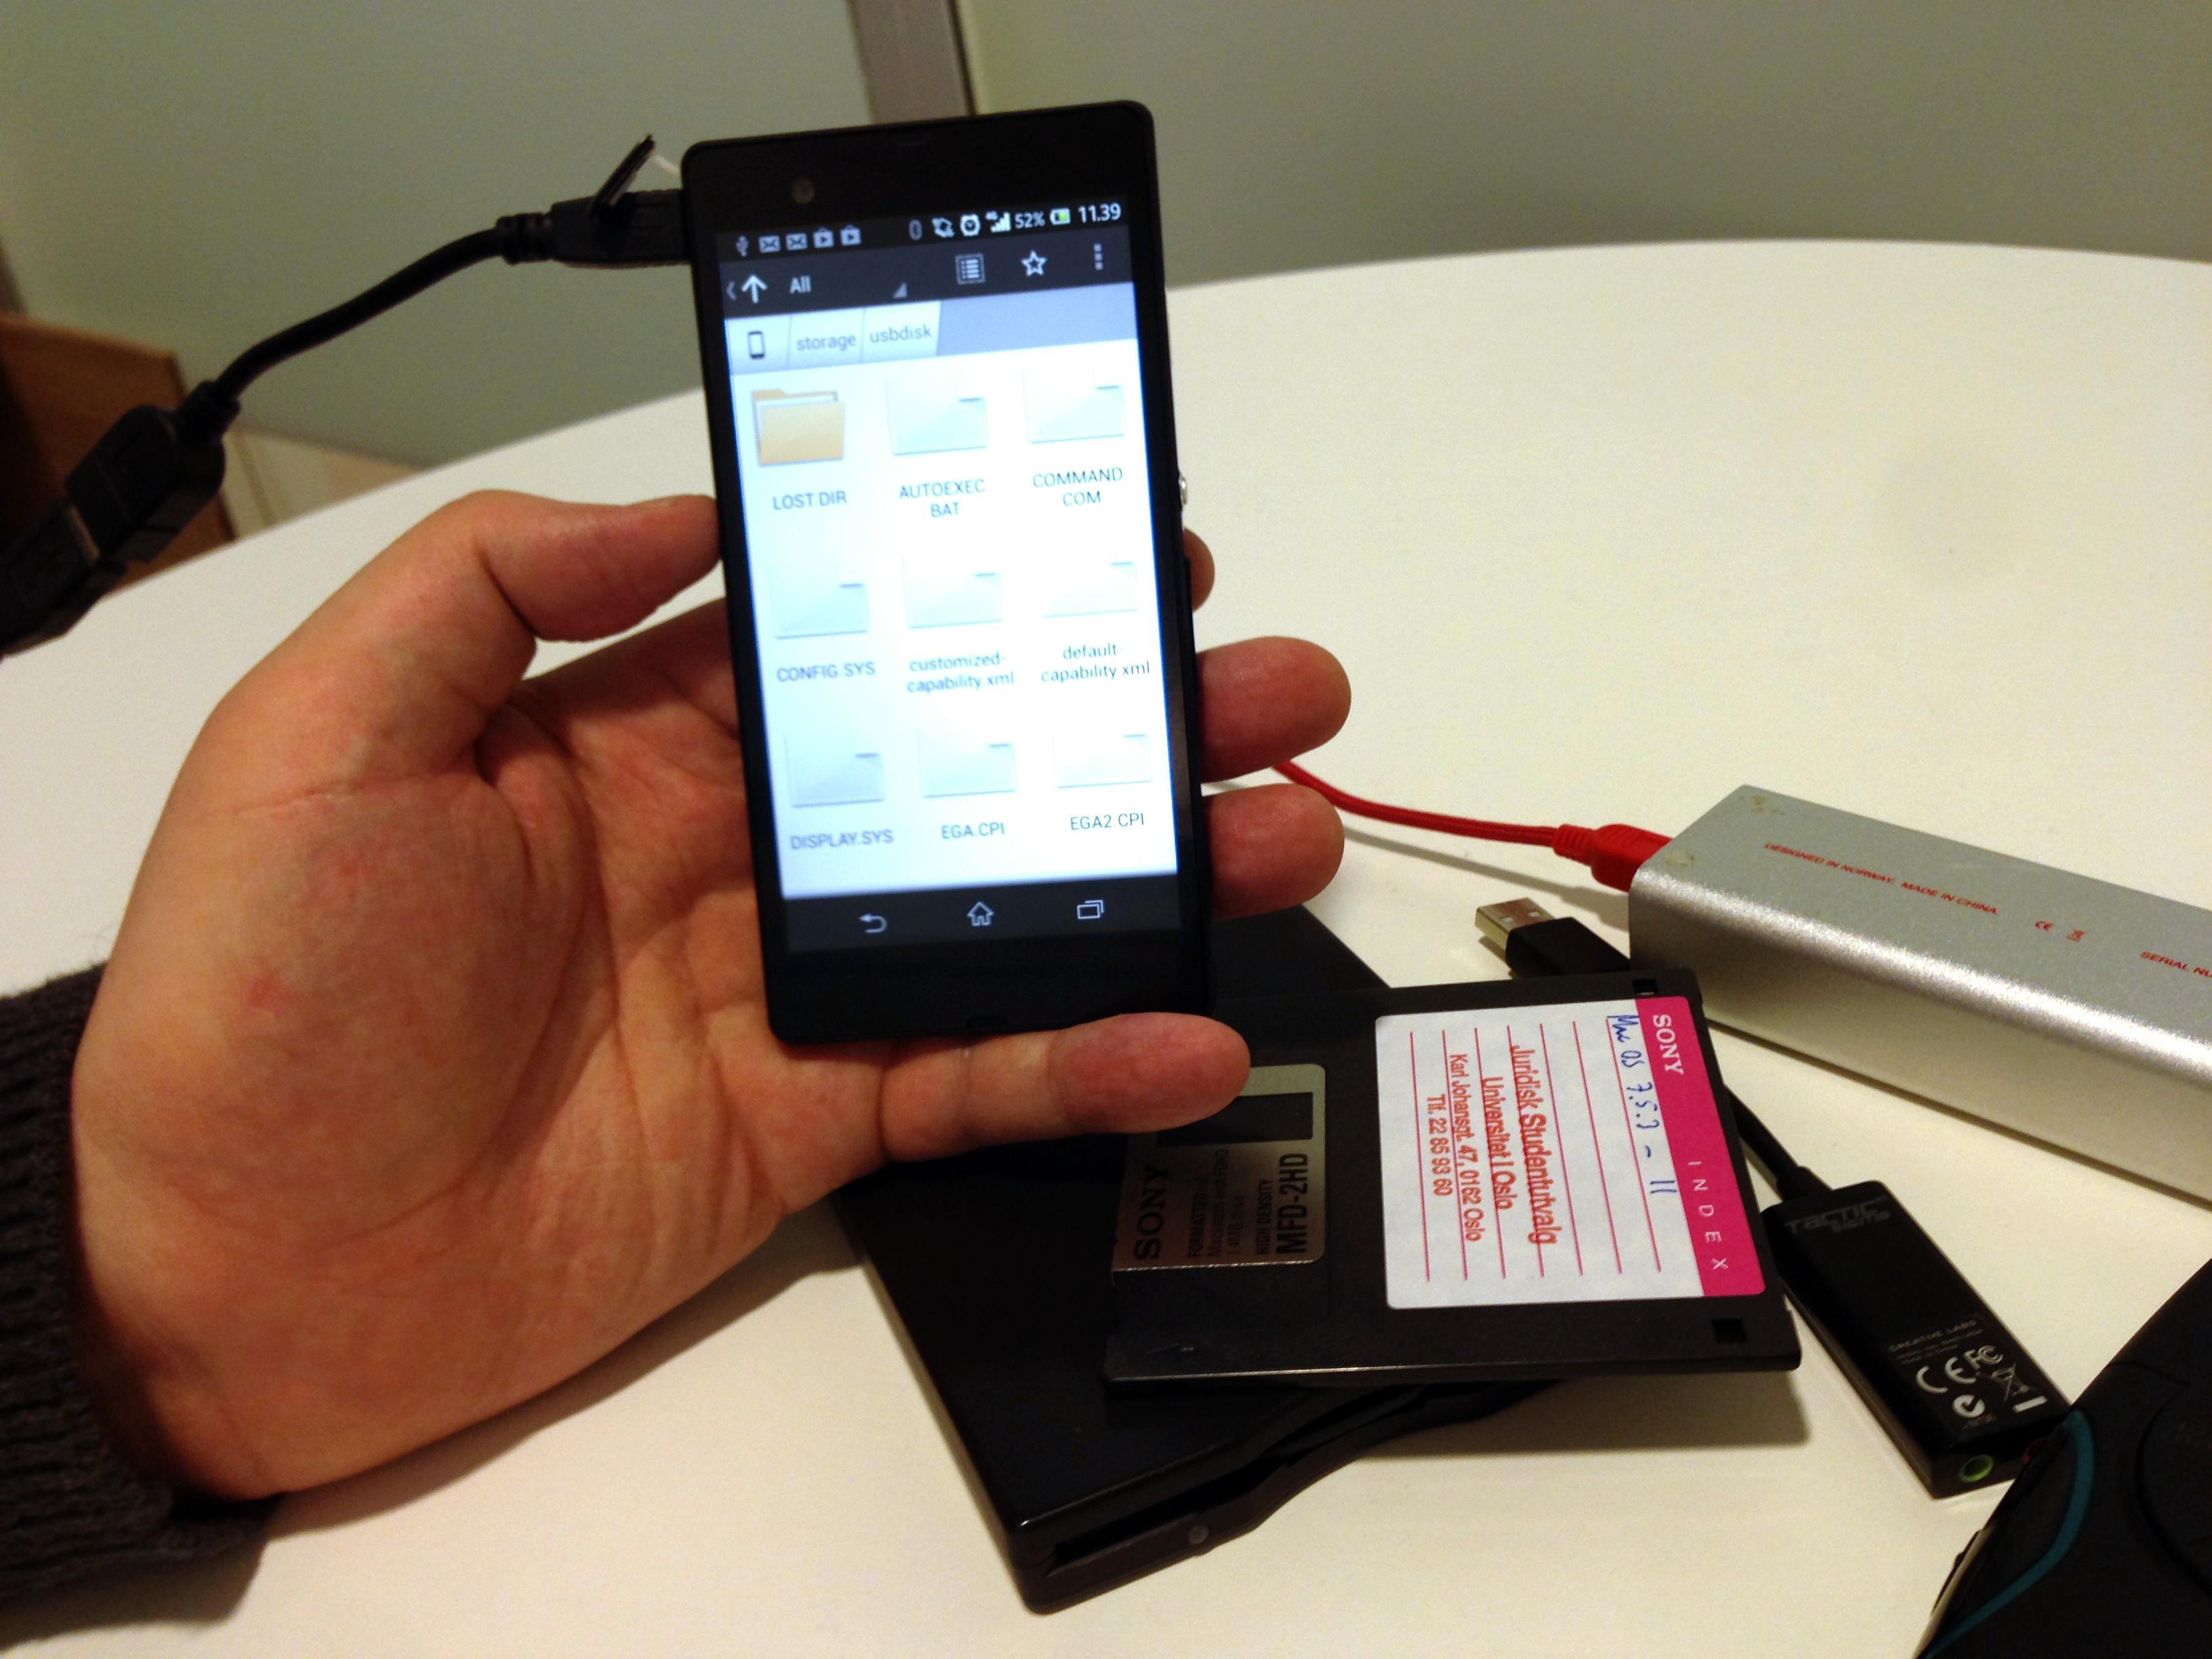 Med en ekstra USB OTG-kabel er det mulig å koble Xperia Z til svært mye rart - for eksempel en diskettstasjon.Foto: Kurt Lekanger, Amobil.no